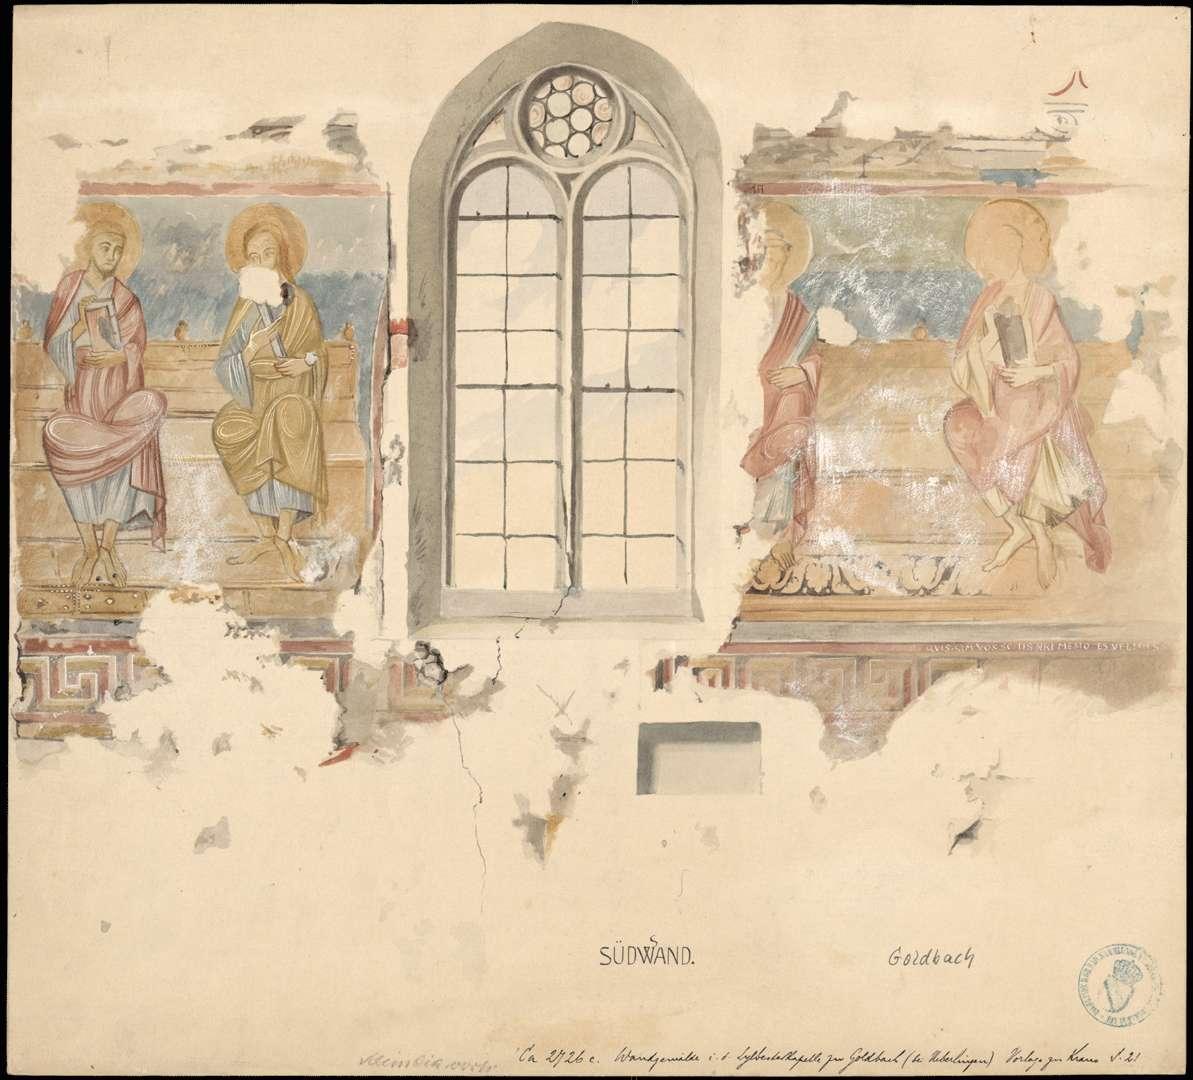 Goldbach St. Sylvester-Kapelle Apostelabbildungen auf der Süddwand des Chores, Bild 1